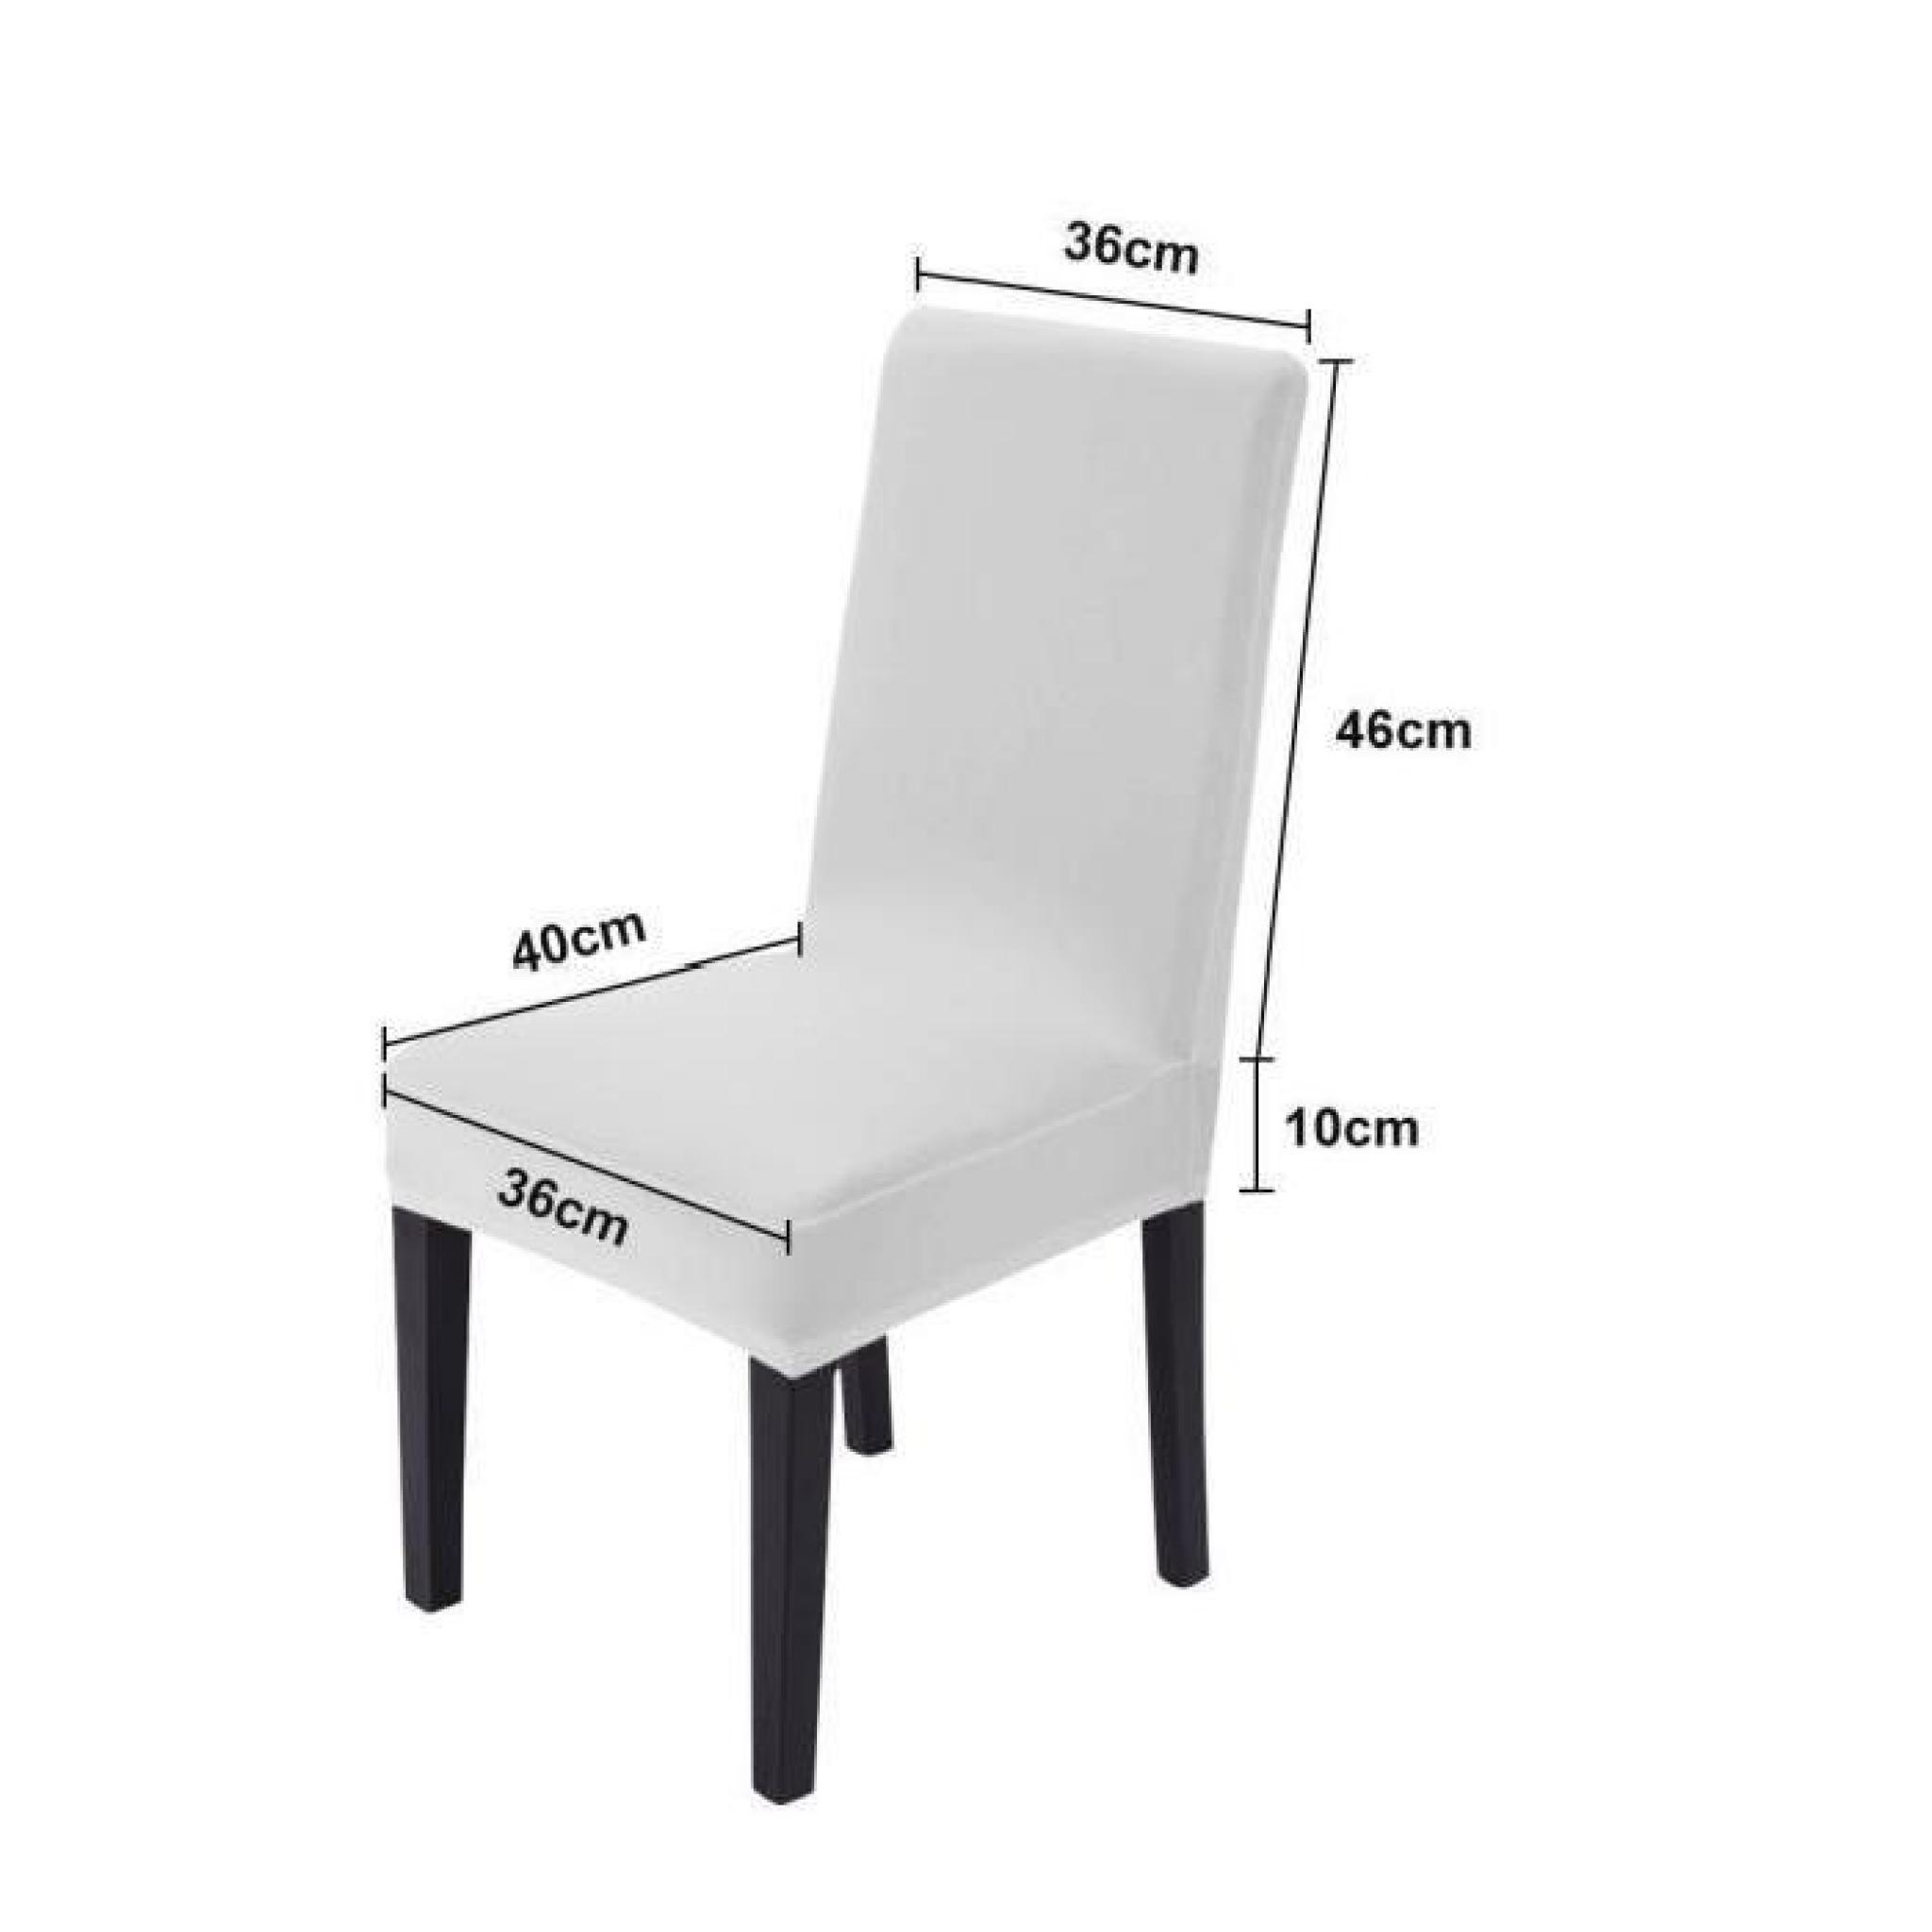 2 x housse de chaise housse fauteuil lastique extensible pour d cor f te mariage d coration. Black Bedroom Furniture Sets. Home Design Ideas